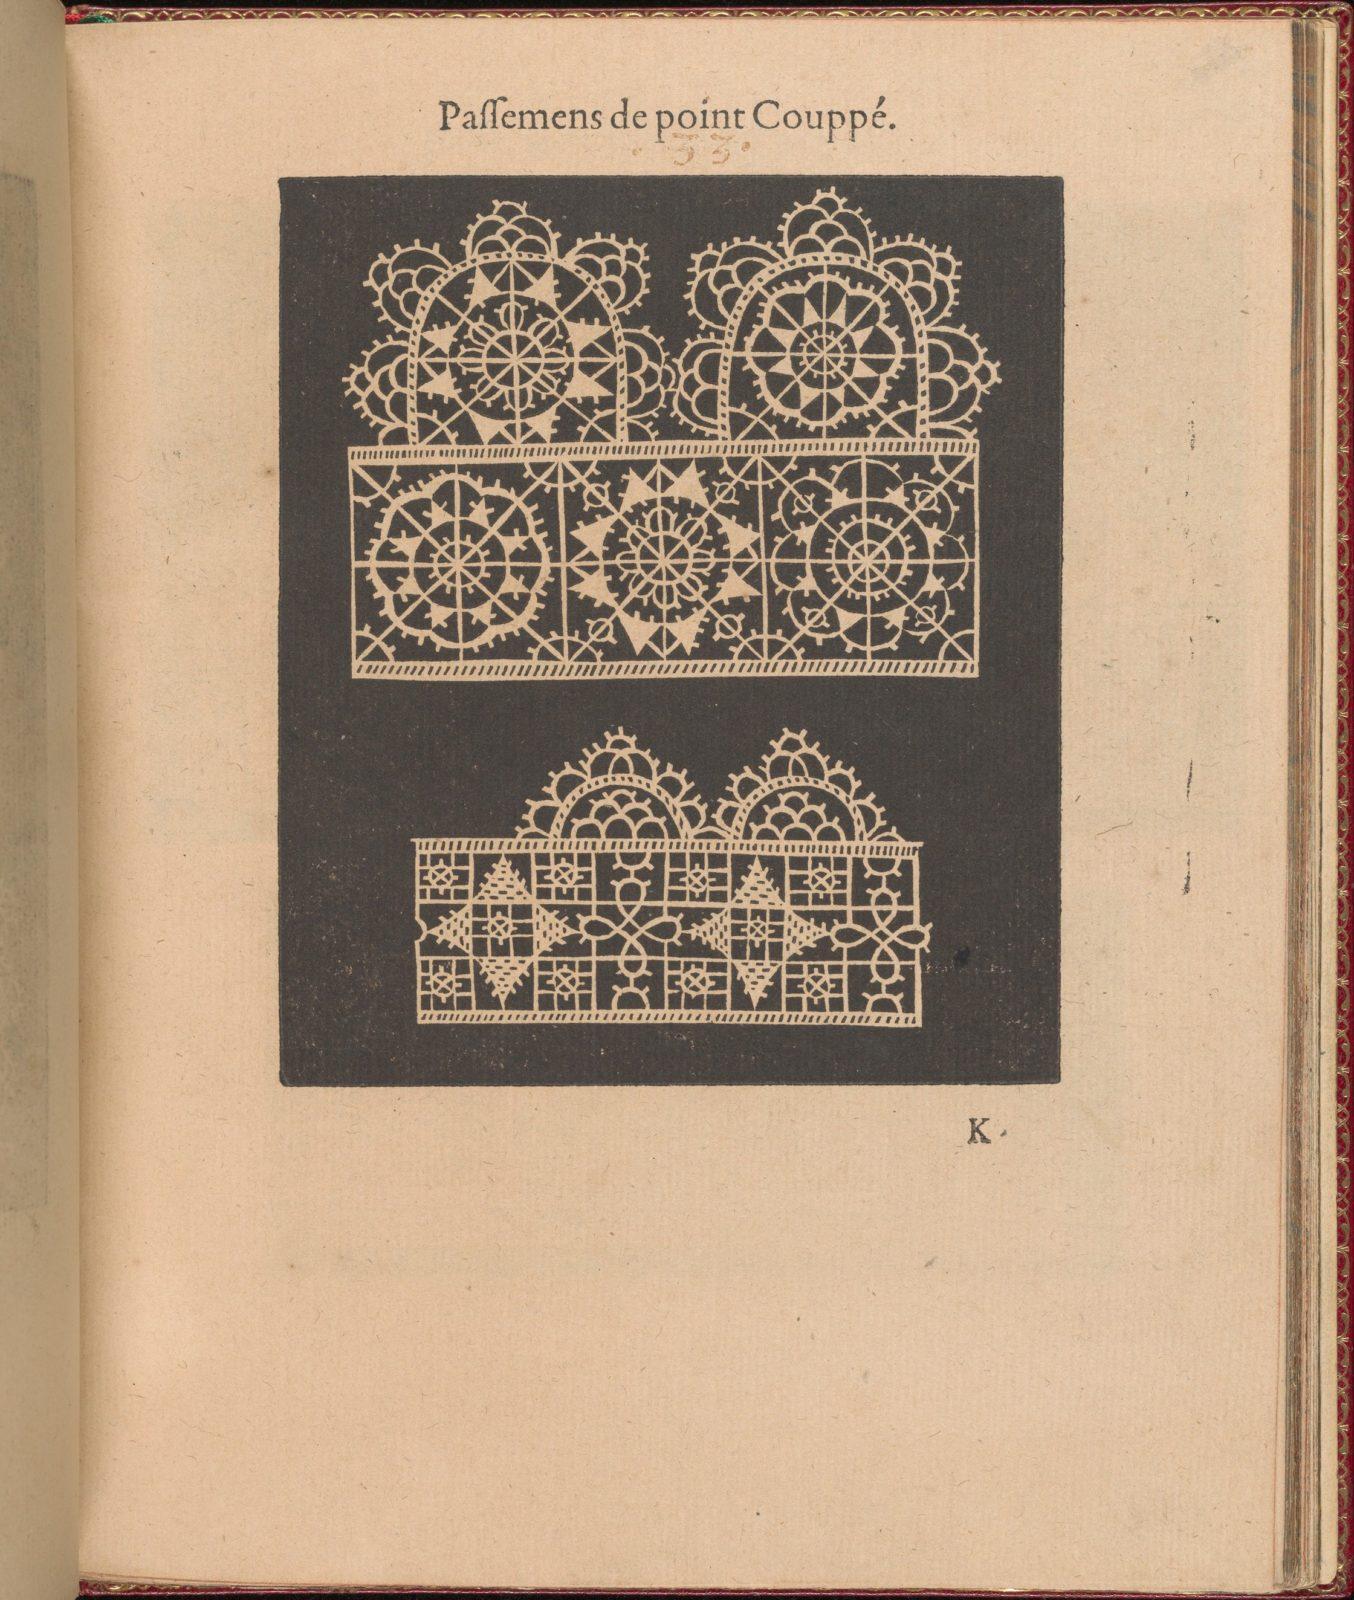 Les Singuliers et Nouveaux Portraicts... page 37 (recto)